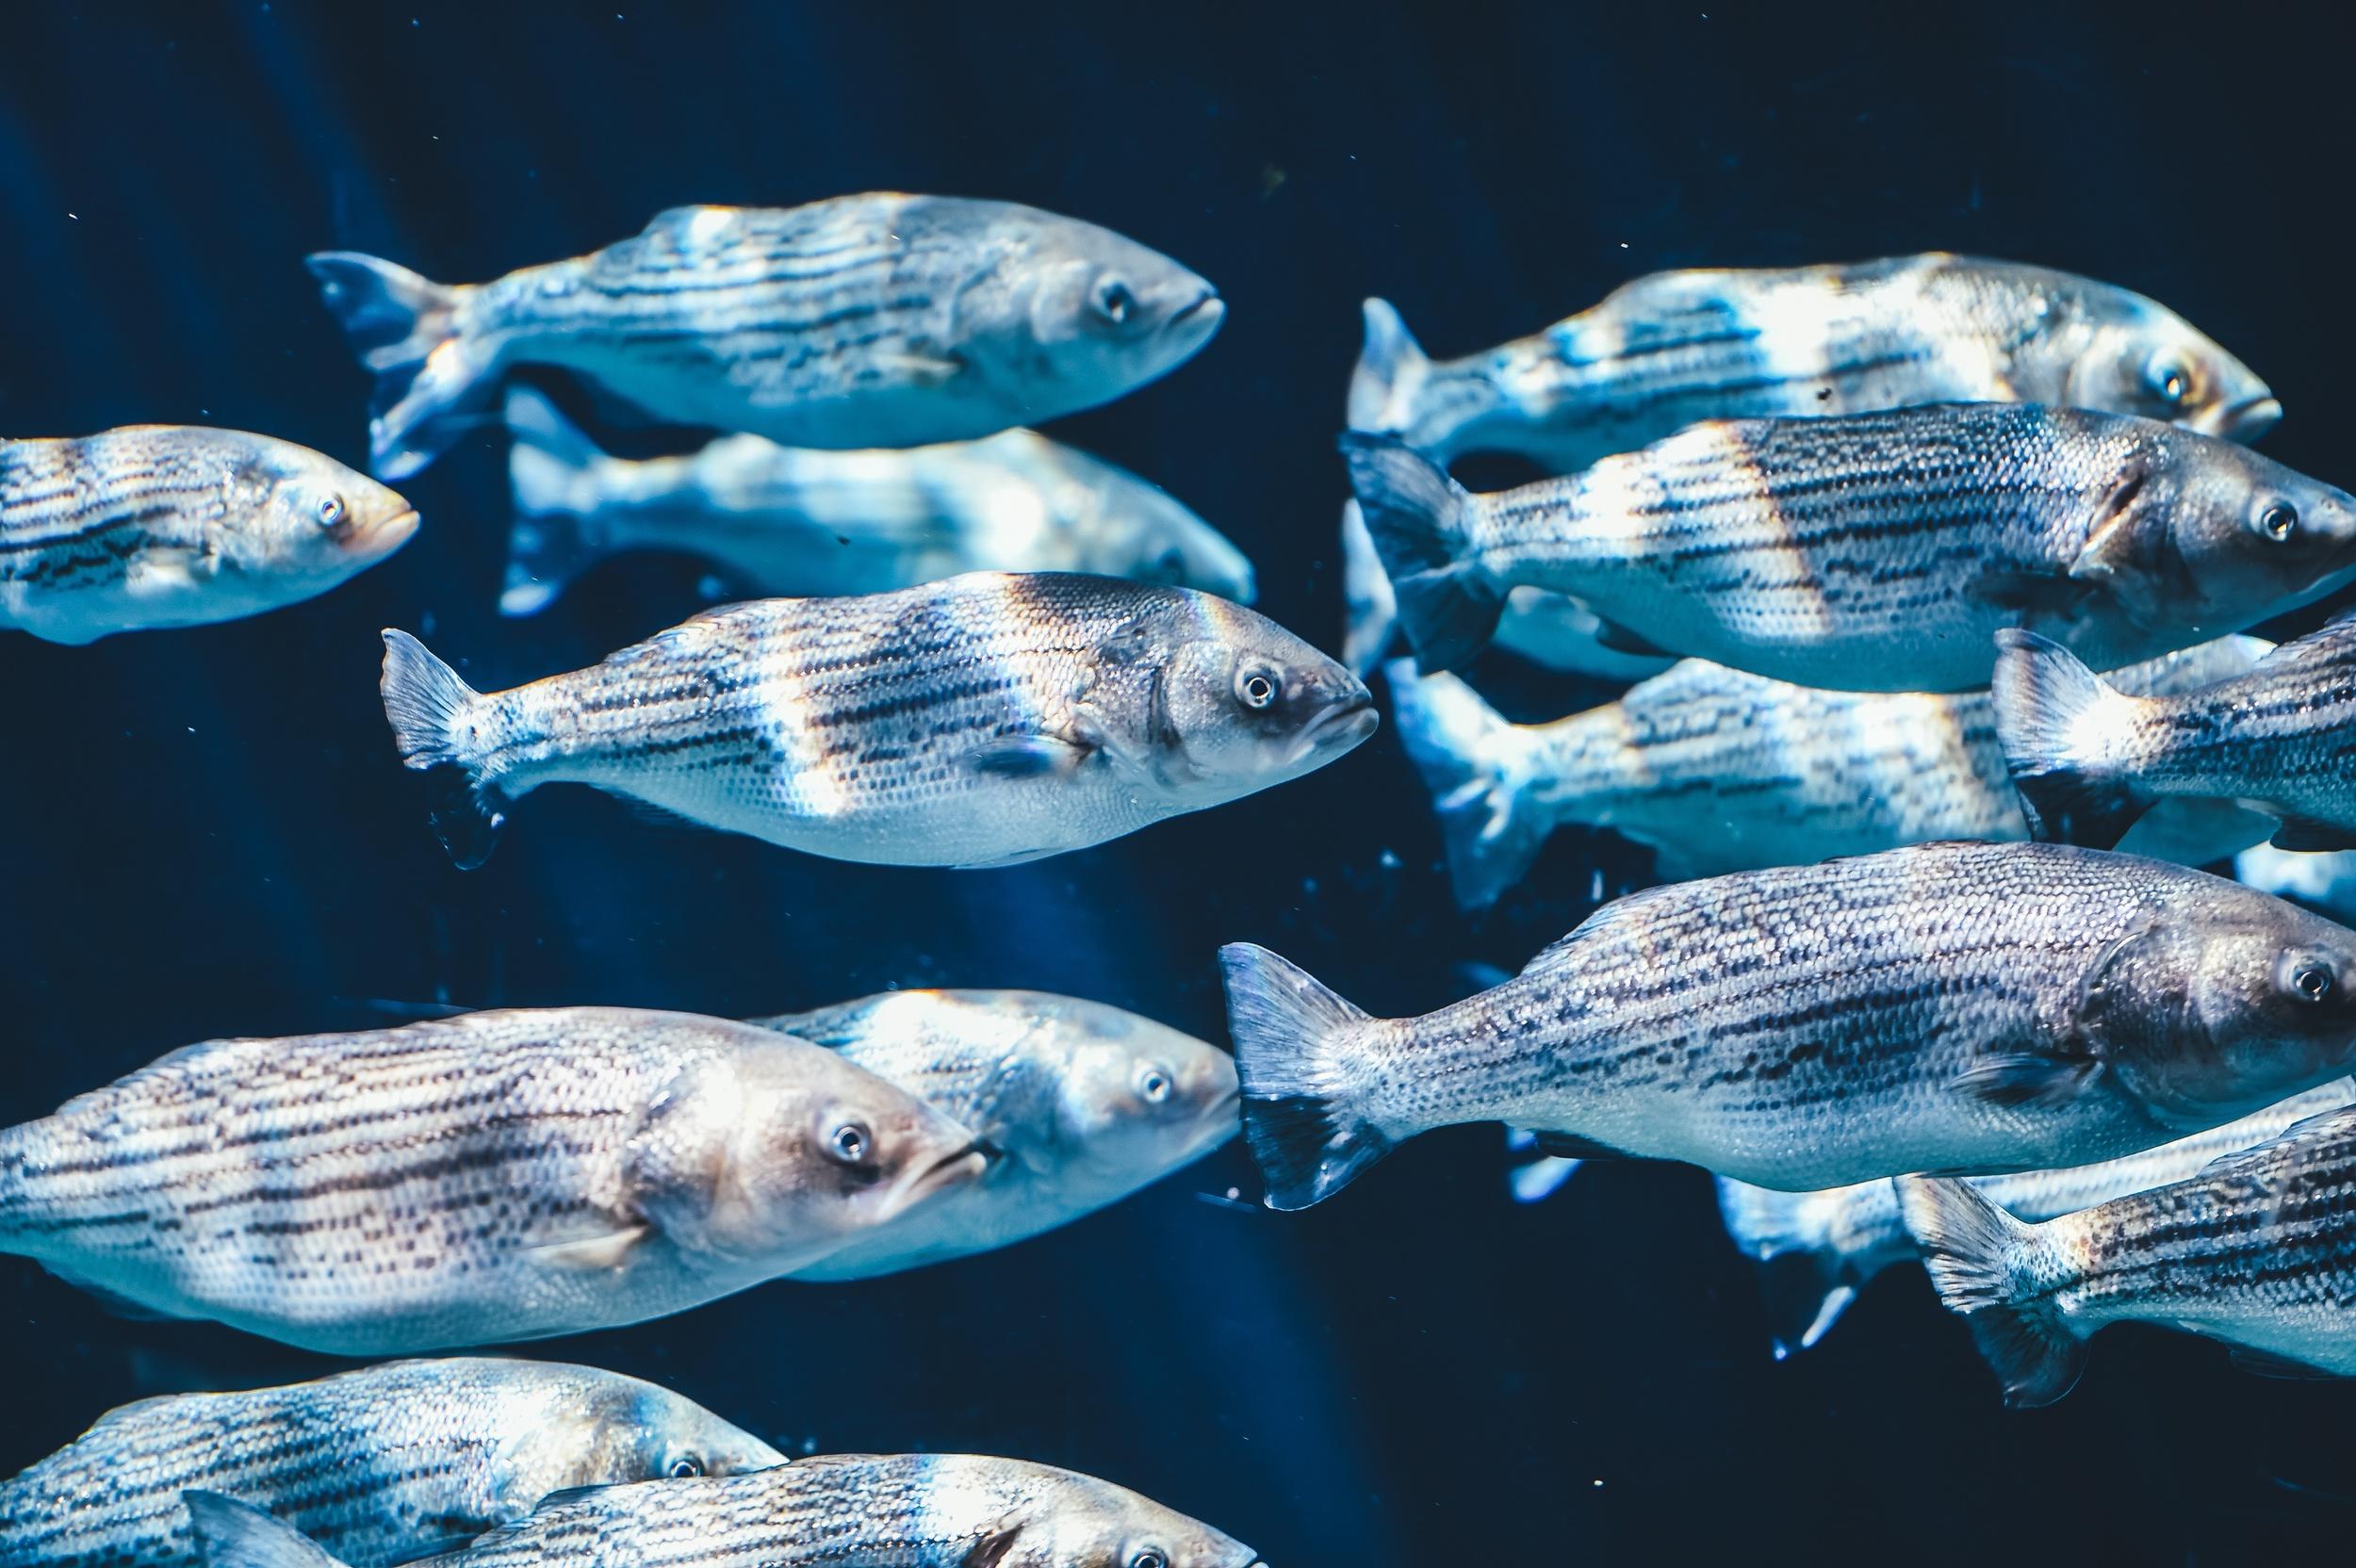 annie spratt school of fish blue Up cW.jpeg